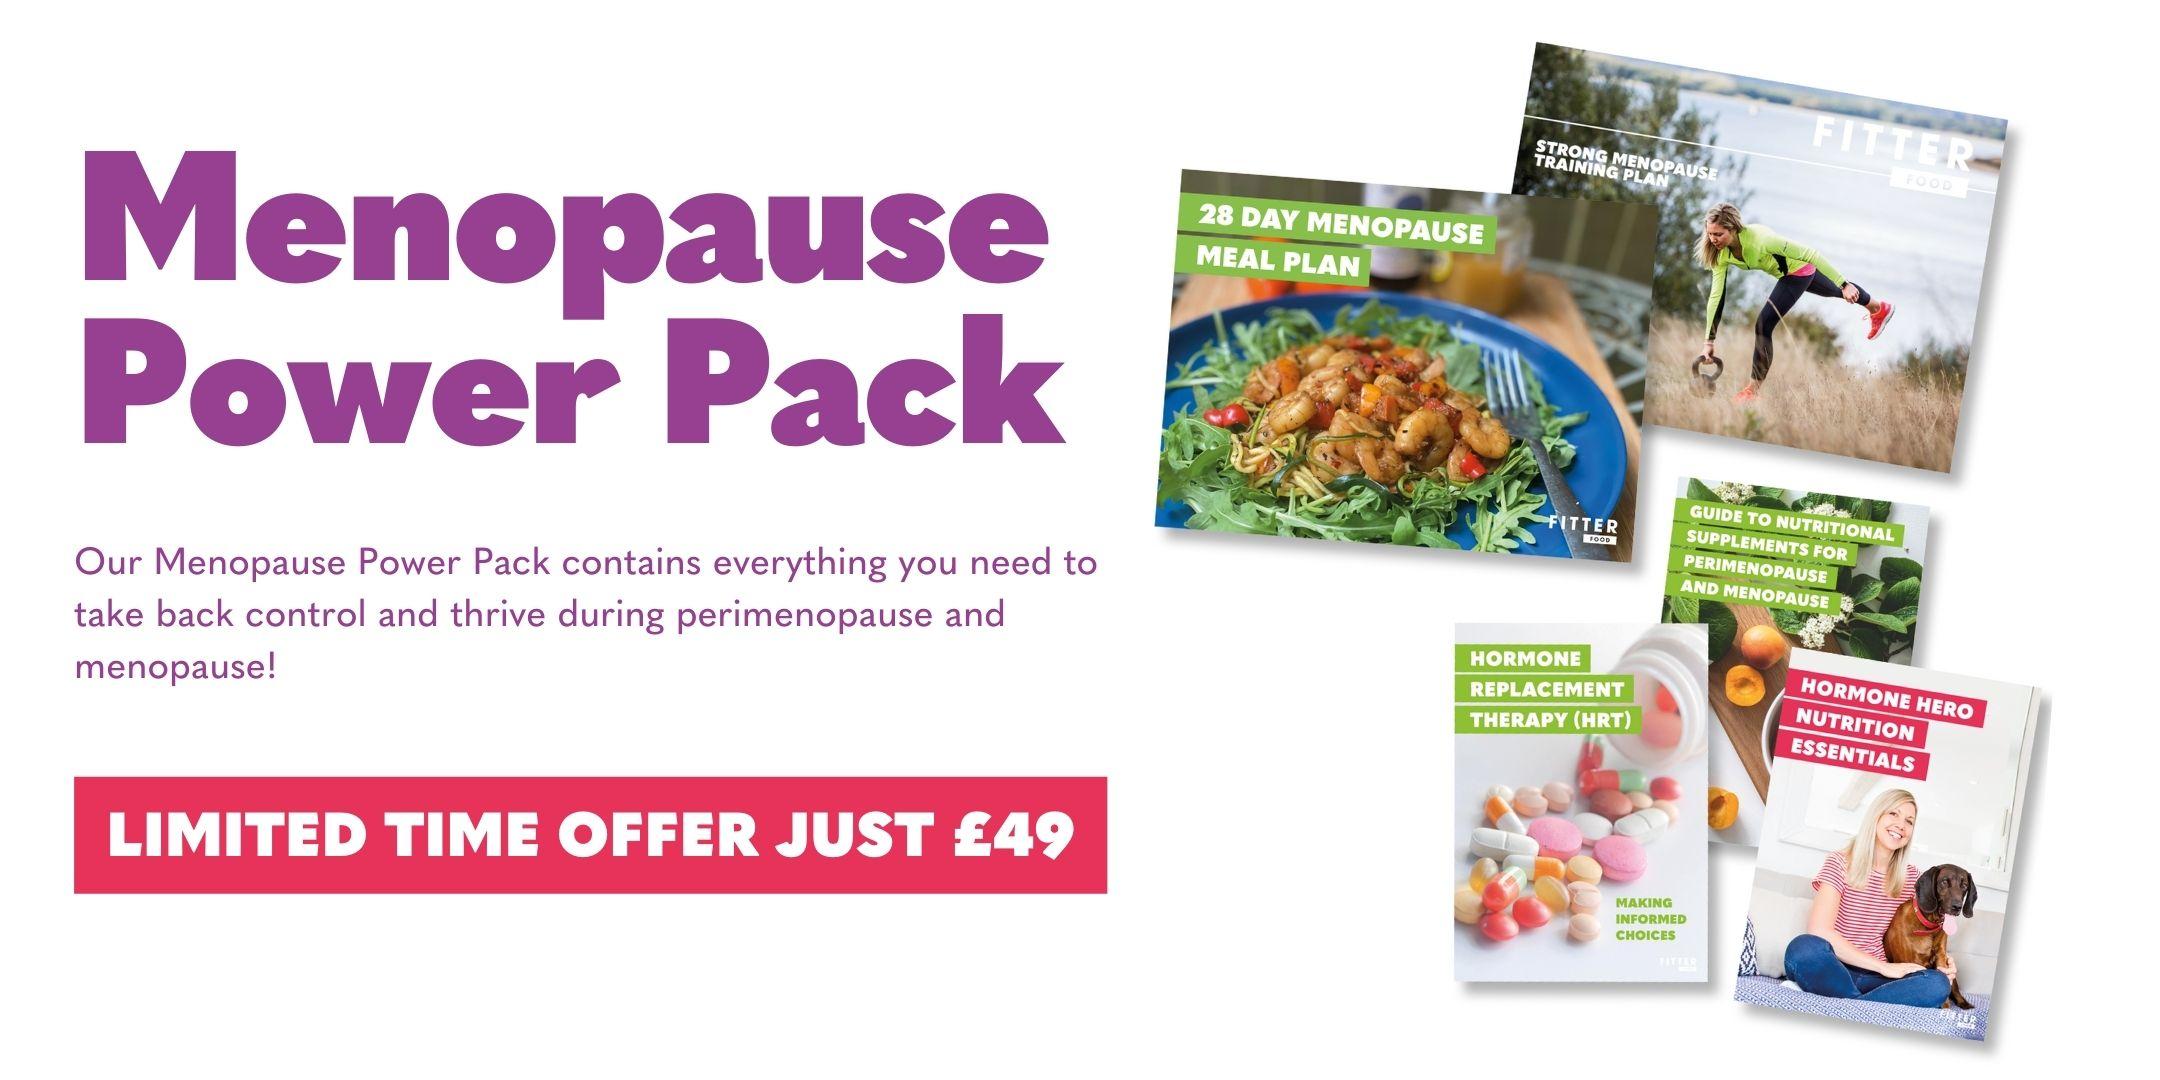 Menopause Power Pack £49